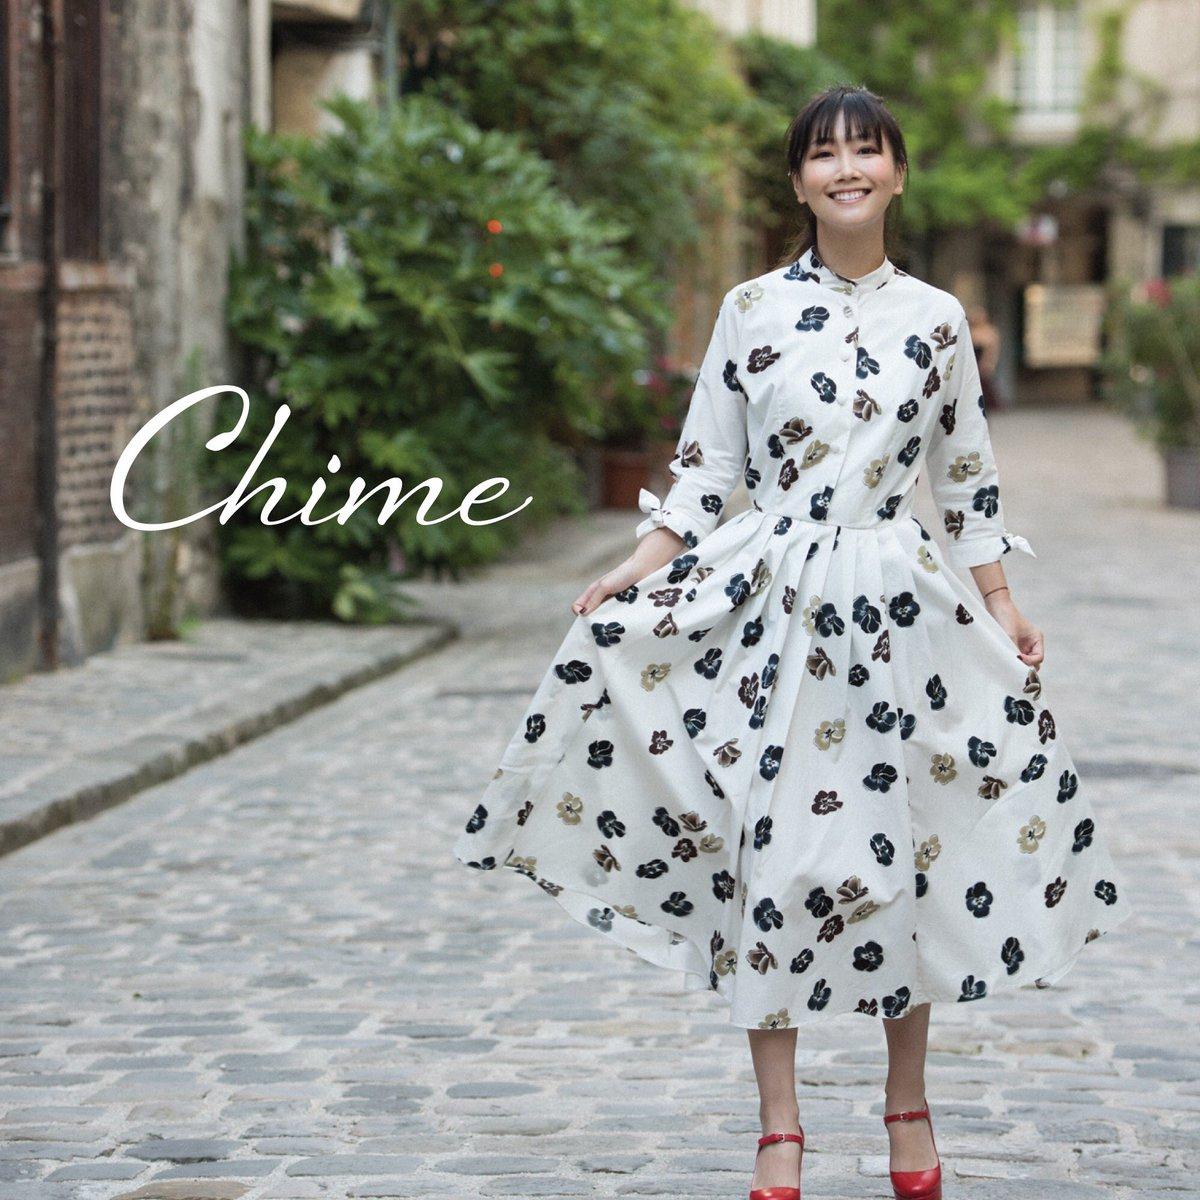 『大塚愛 - Chime』収録の『Chime』ジャケット